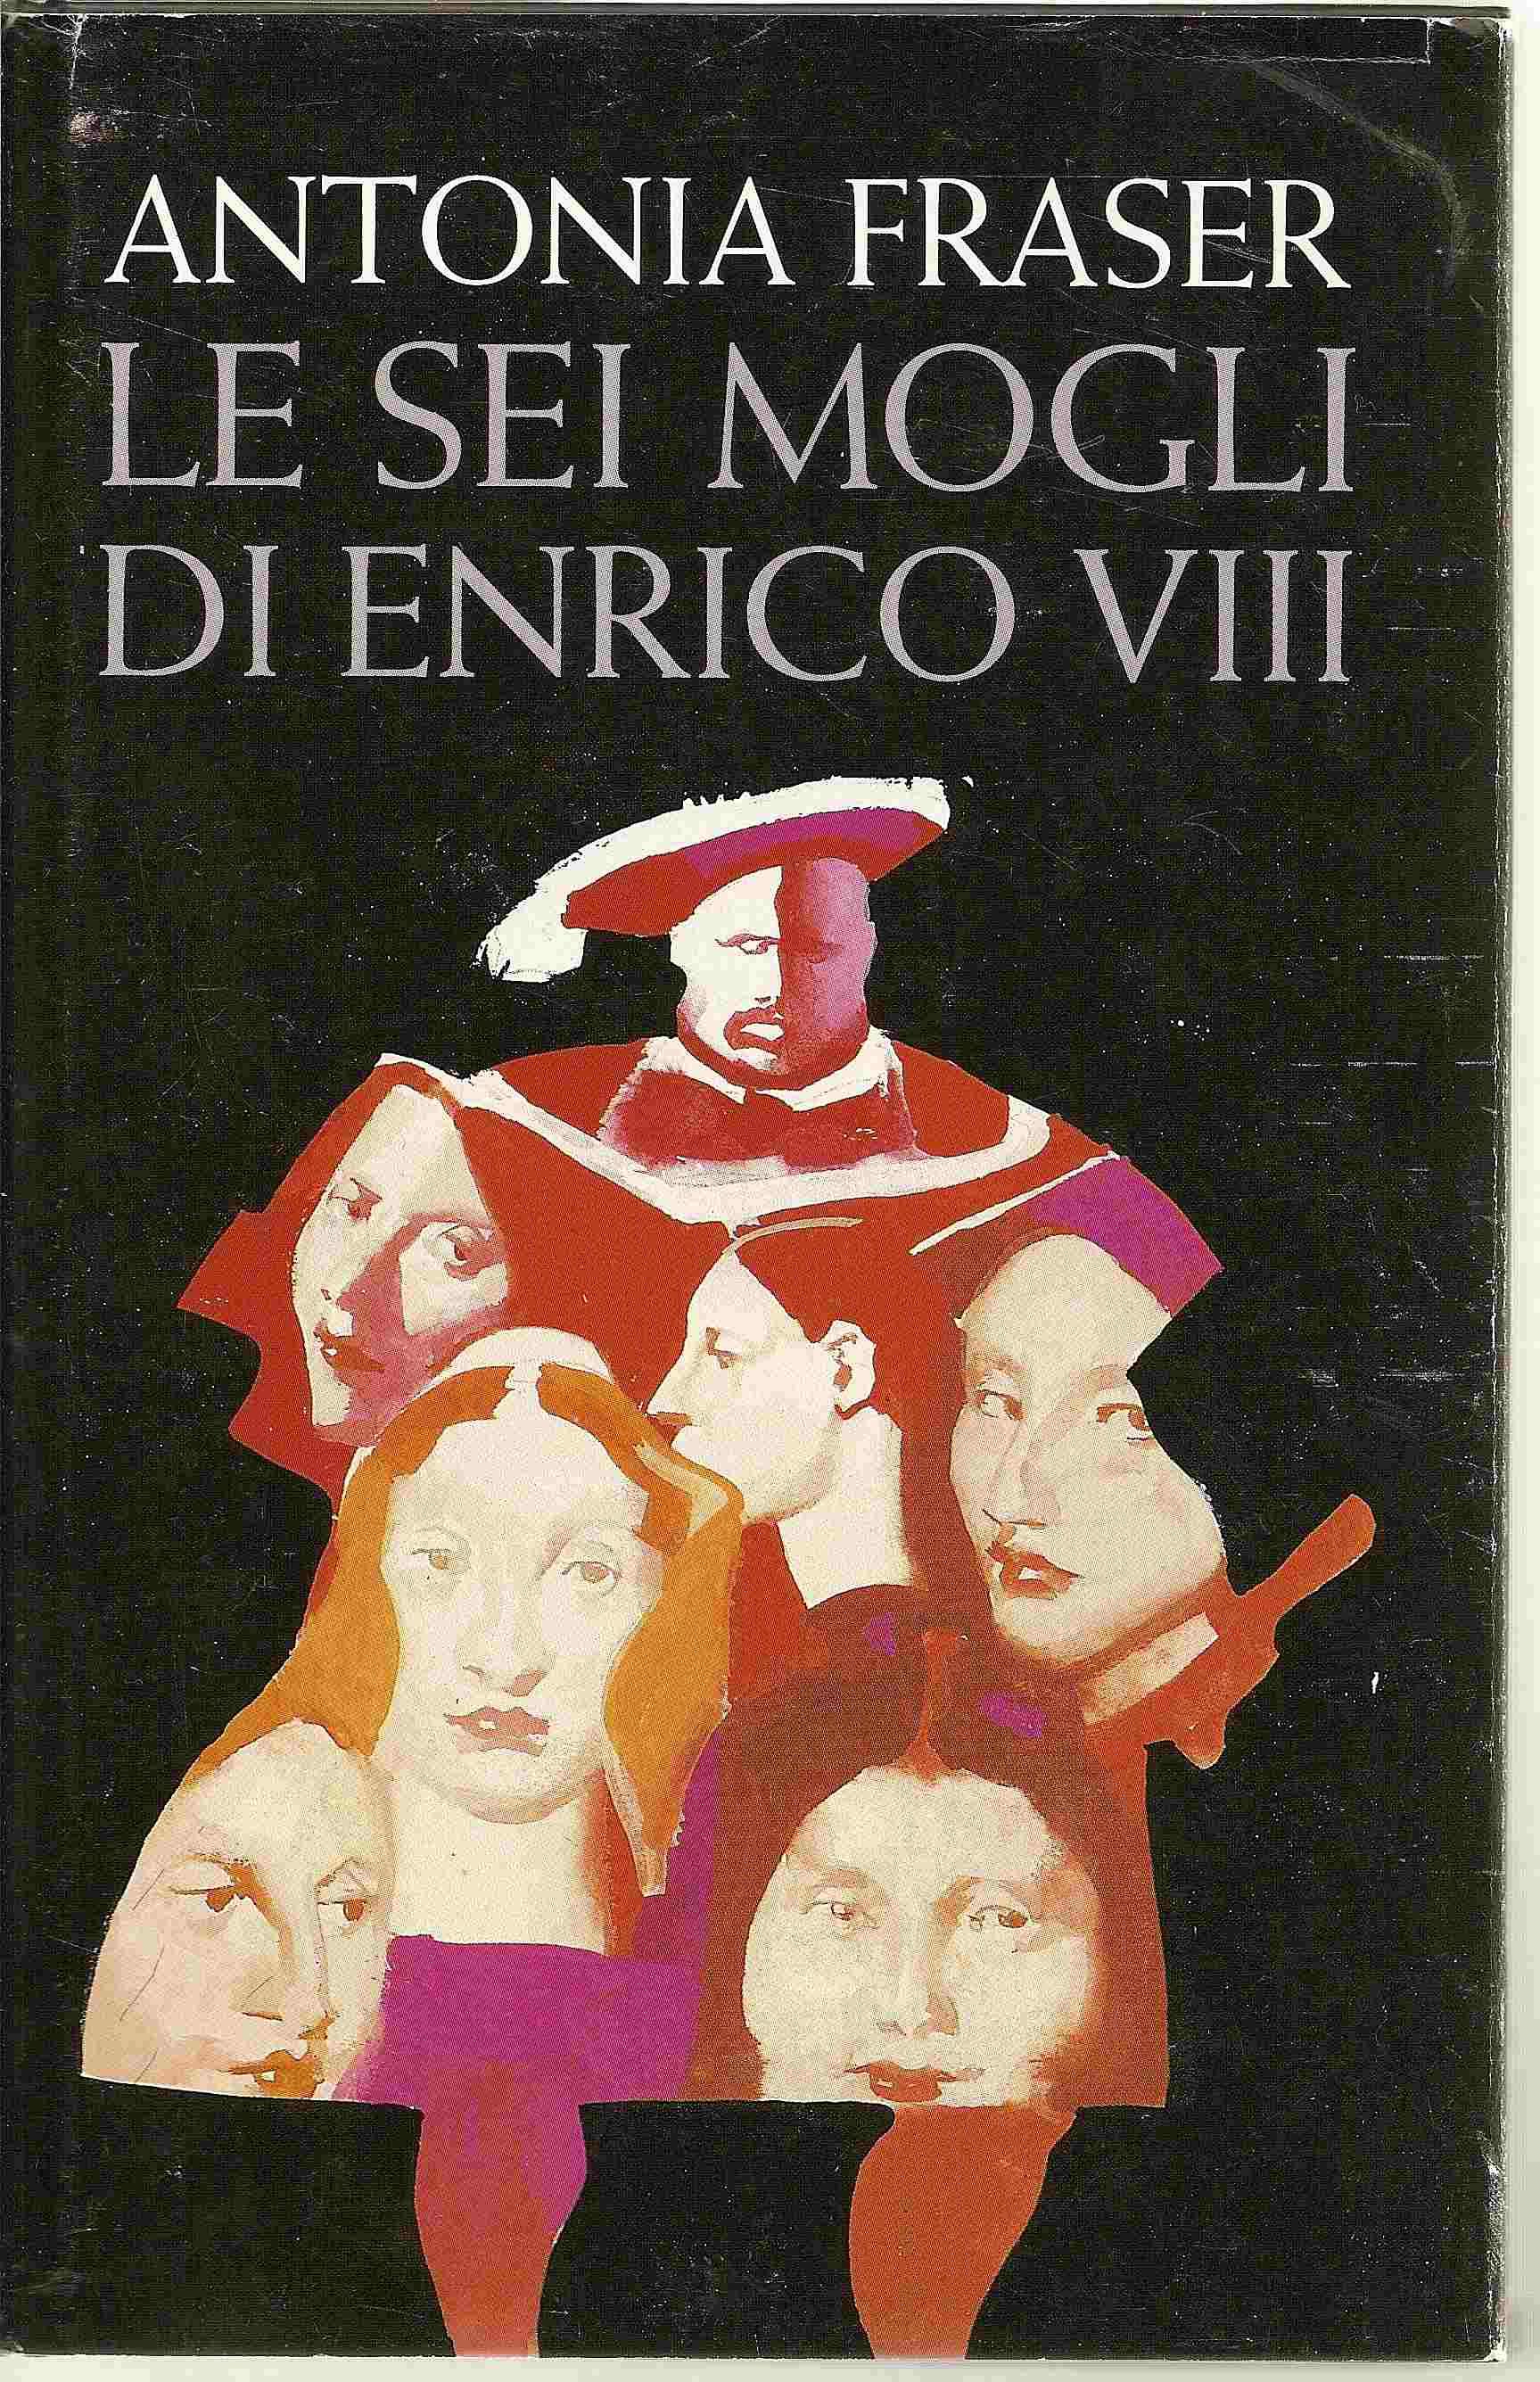 Le sei mogli di Enrico VIII